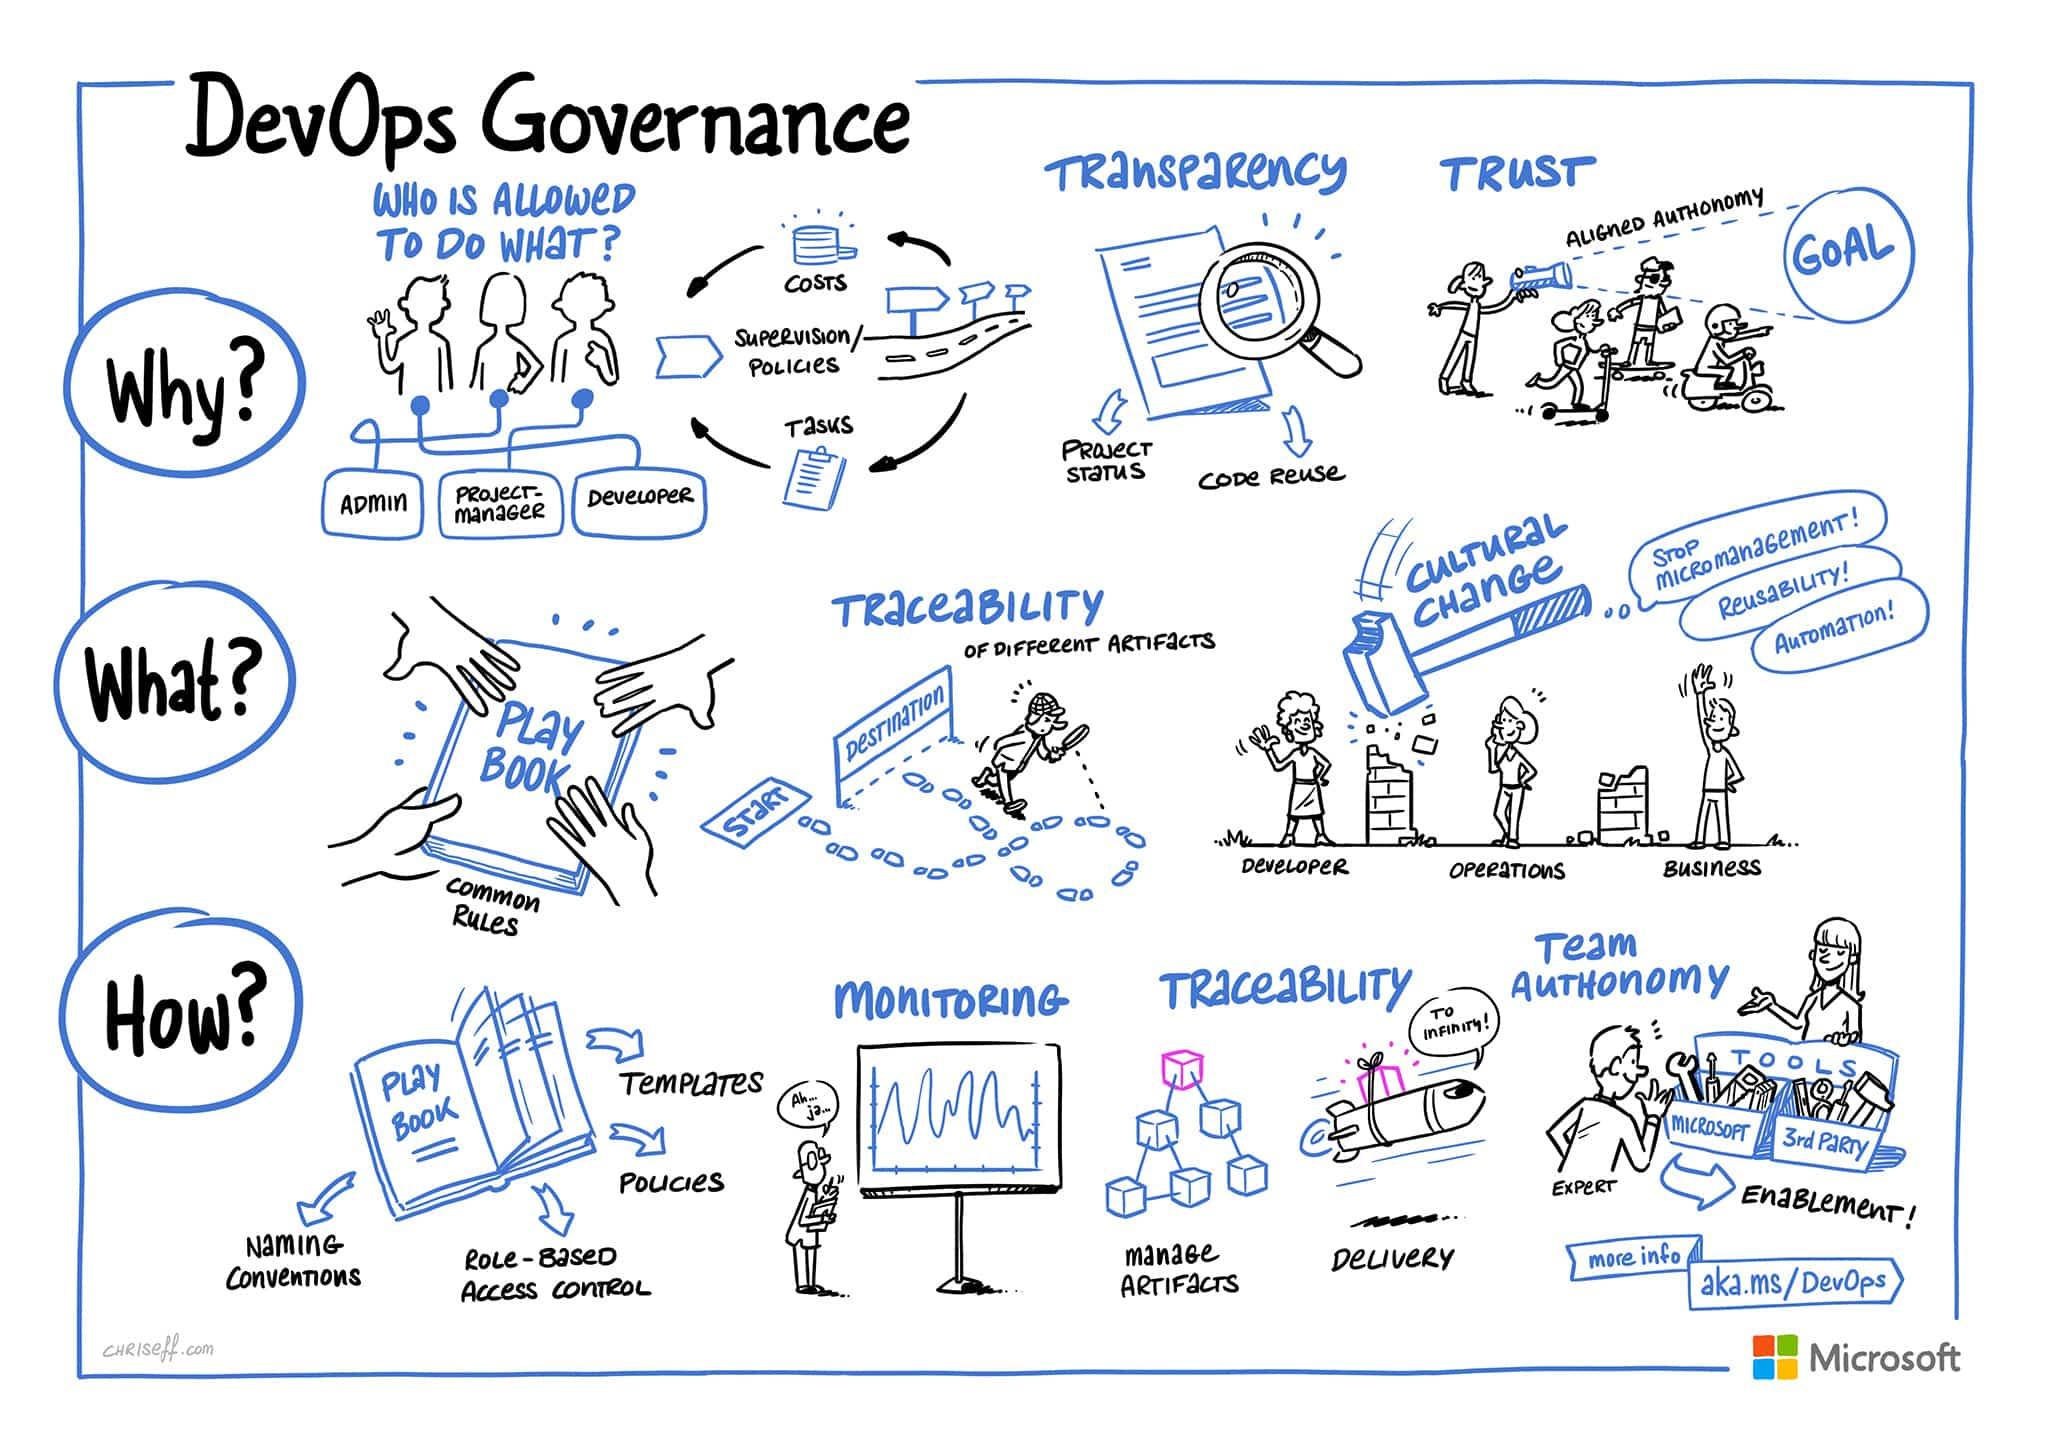 devops governance